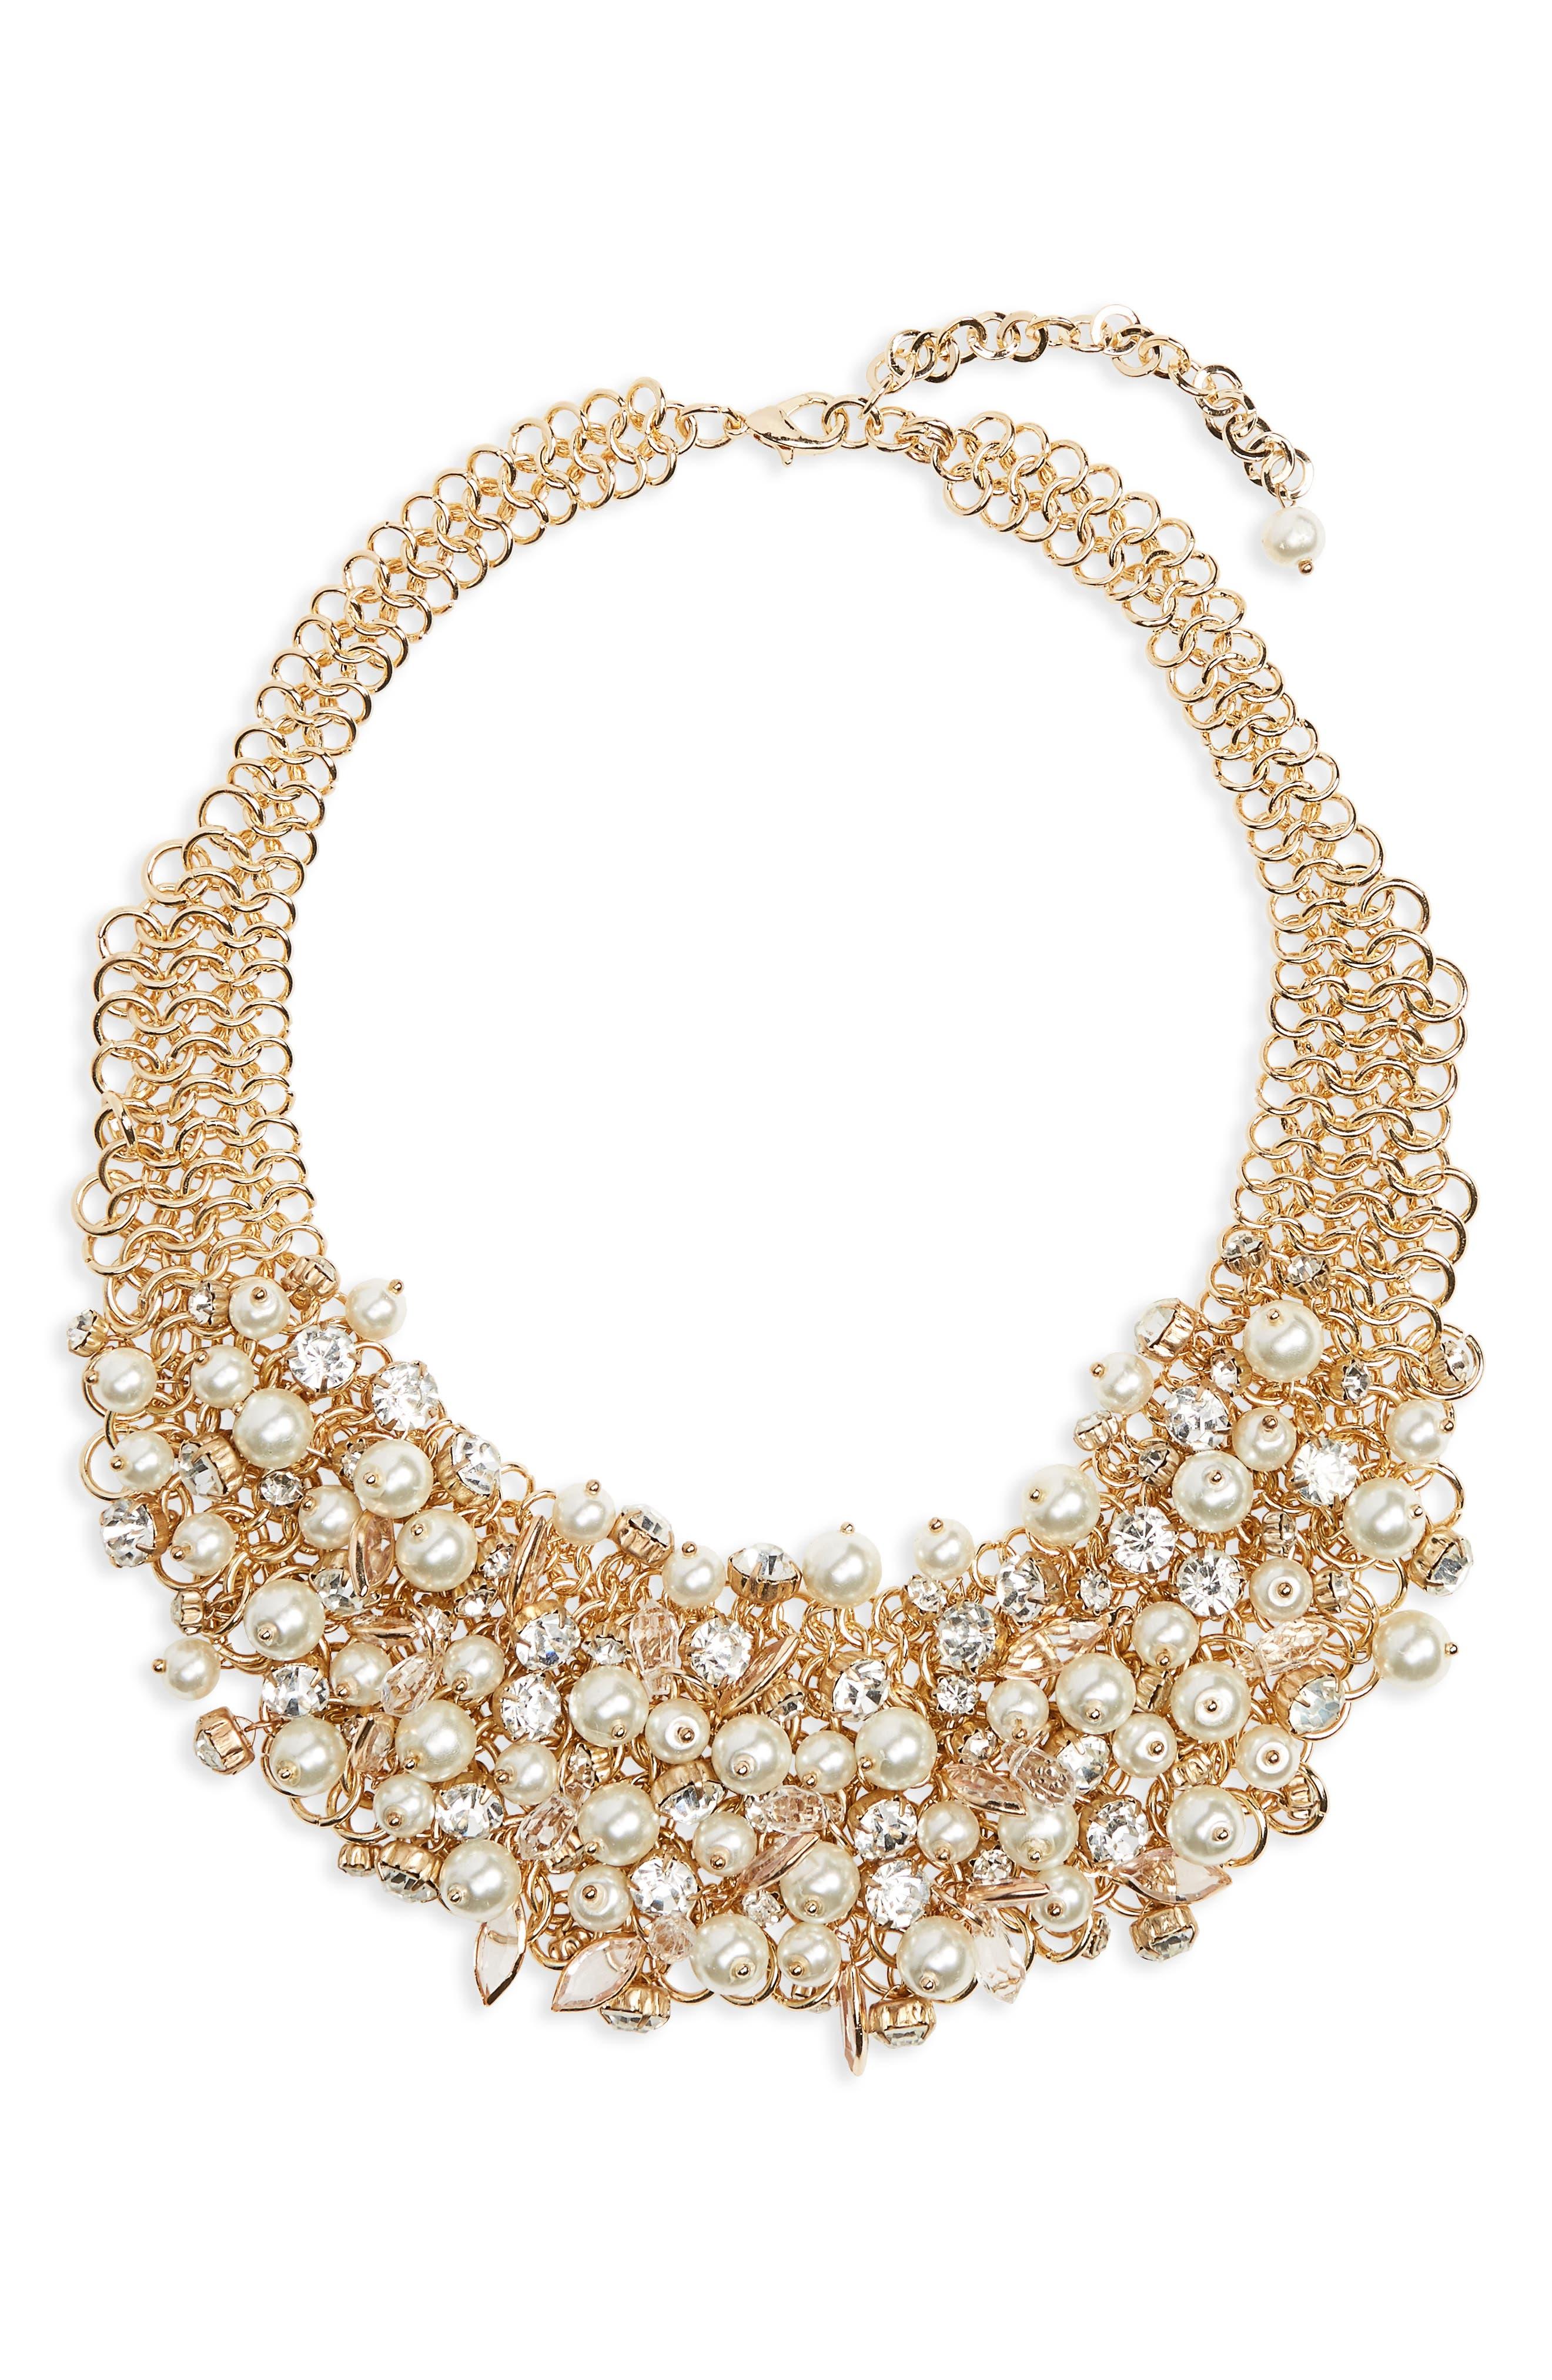 Main Image - Cara Imitation Pearl & Crystal Bib Necklace